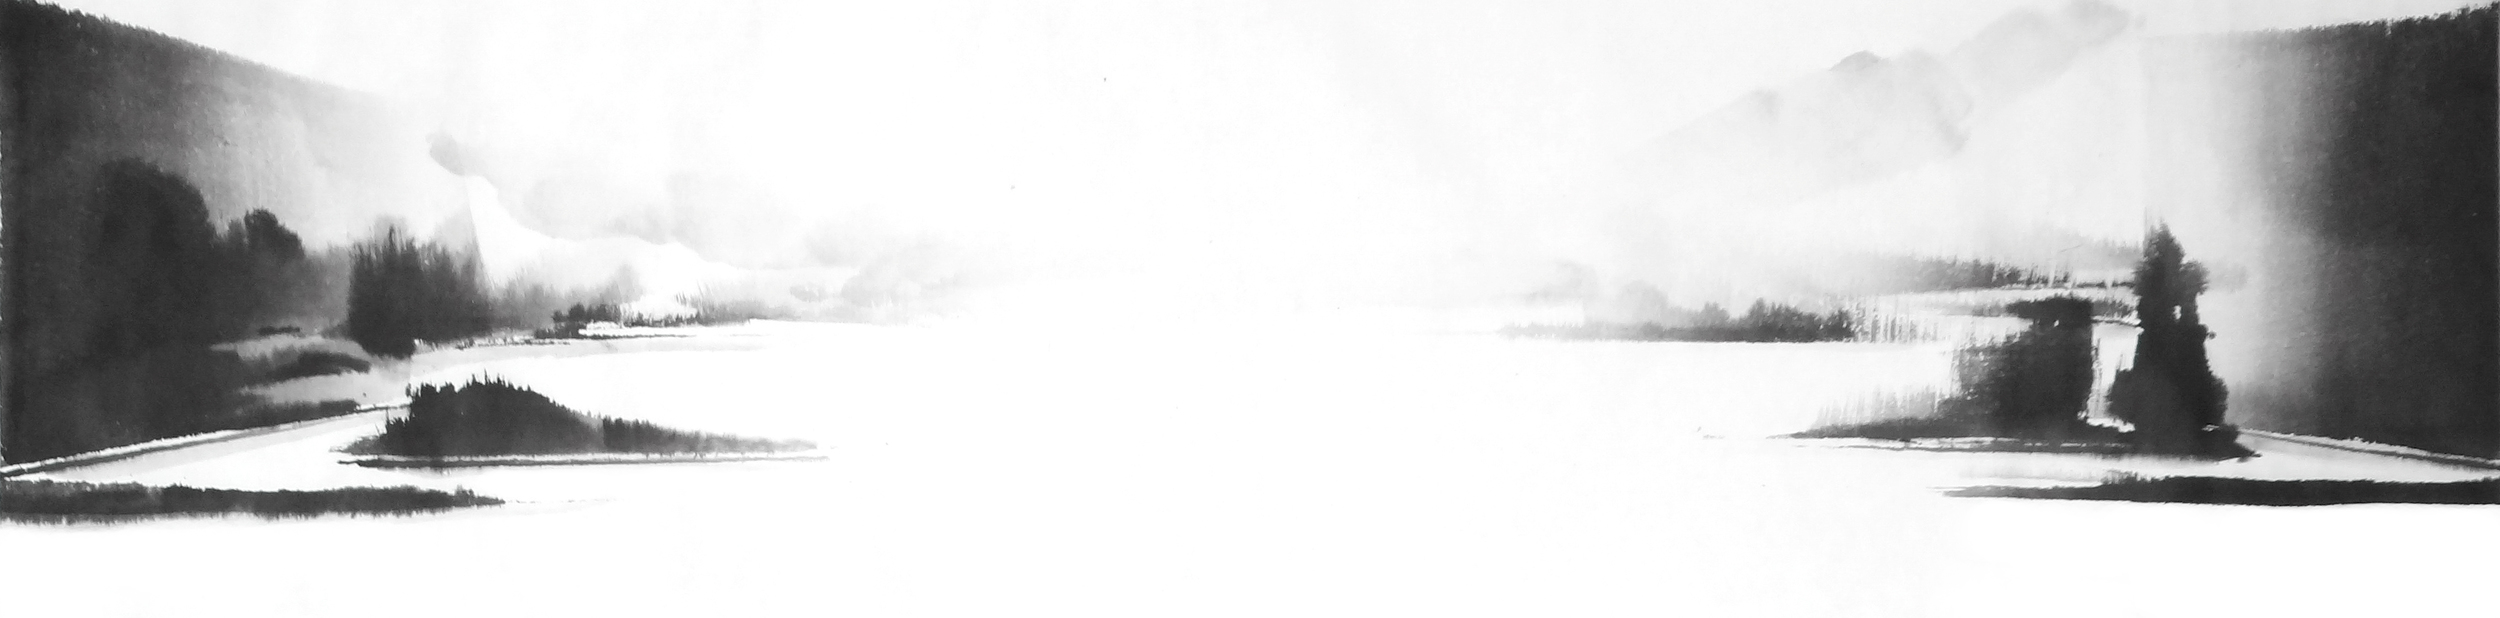 j.빛 다시 Again in His Light, 38X140cm, ink on paper, 2012.JPG